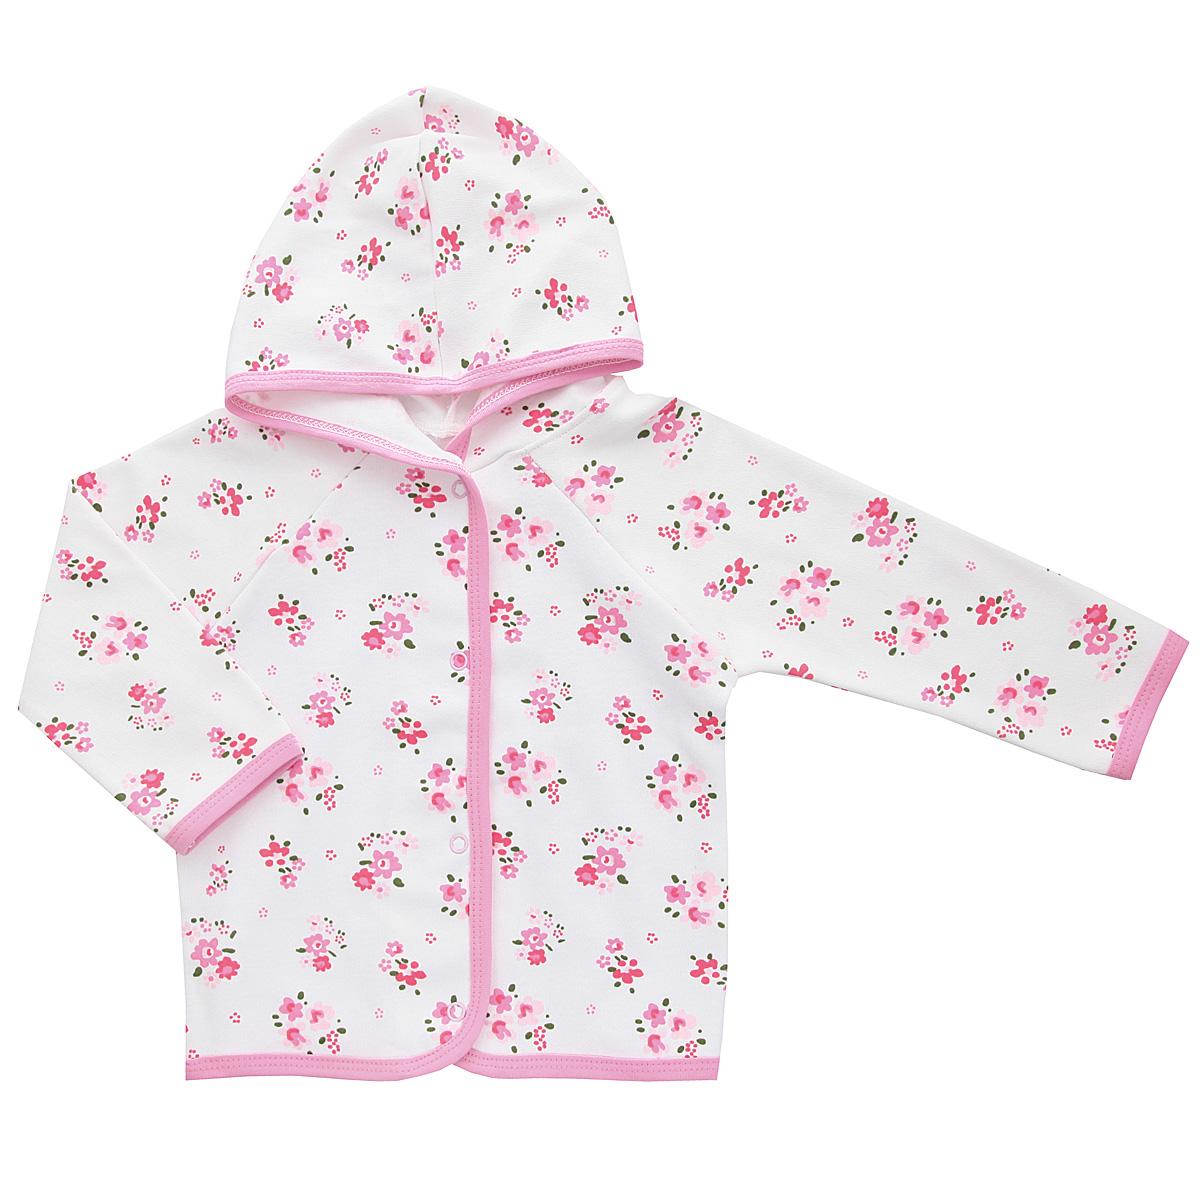 Кофточка для девочки Трон-плюс, цвет: белый, розовый. 5162_цветы. Размер 80, 12 месяцев5162_цветыУдобная кофточка для девочки Трон-плюс послужит идеальным дополнением к гардеробу вашей малышки, обеспечивая ему наибольший комфорт. Изготовленная из интерлока - натурального хлопка, она необычайно мягкая и легкая, не раздражает нежную кожу ребенка и хорошо вентилируется, а эластичные швы приятны телу ребенка и не препятствуют его движениям. Кофточка с капюшоном и длинными рукавами-реглан застегивается спереди на удобные застежки-кнопки, что помогает с легкостью переодеть ребенка. Окантовка капюшона, низ рукавов, планка и низ модели дополнены контрастной трикотажной бейкой. Оформлено изделие цветочным принтом. Кофточка полностью соответствует особенностям жизни ребенка в ранний период, не стесняя и не ограничивая его в движениях.